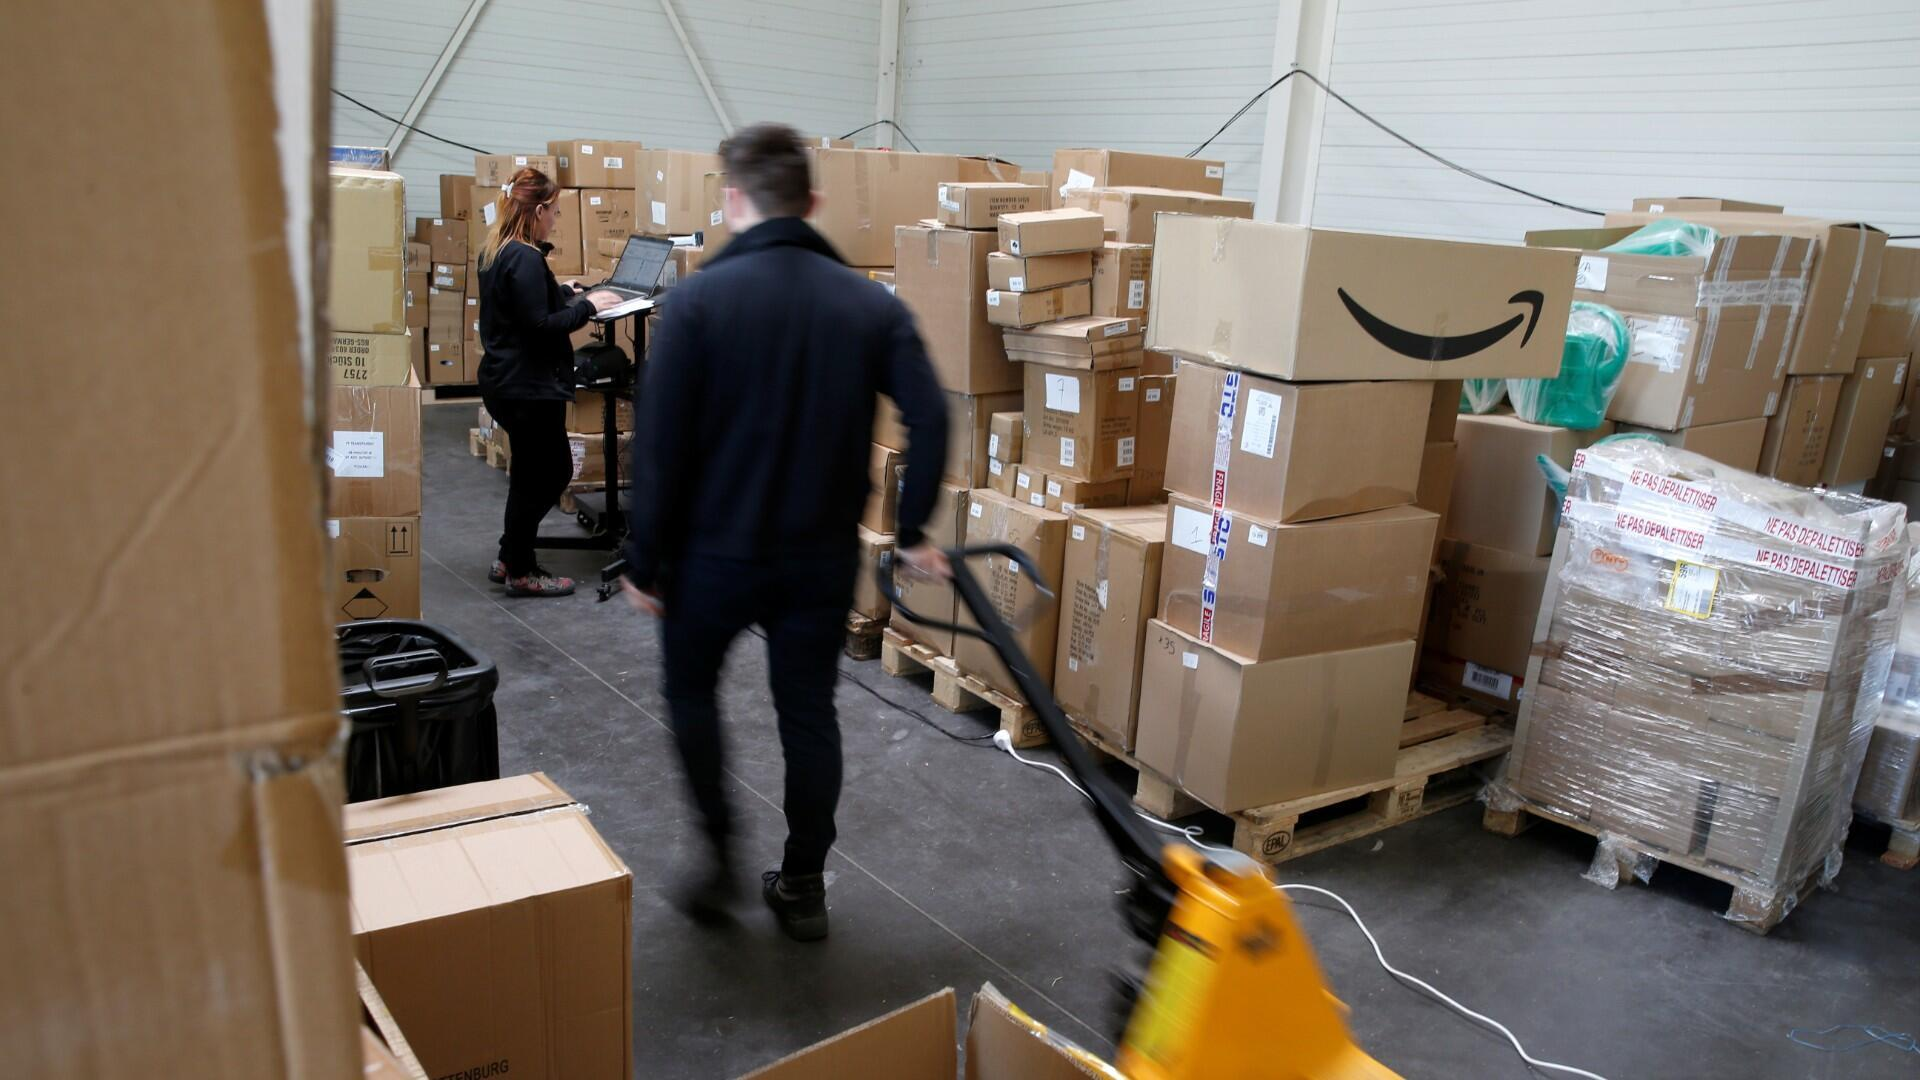 Un empleado prepara un pedido para Amazon en el almacén de Porona en Bruay-sur-l'Escaut, cerca de Valenciennes, Francia, 22 de abril de 2020. Fotografía tomada, 22 de abril de 2020.